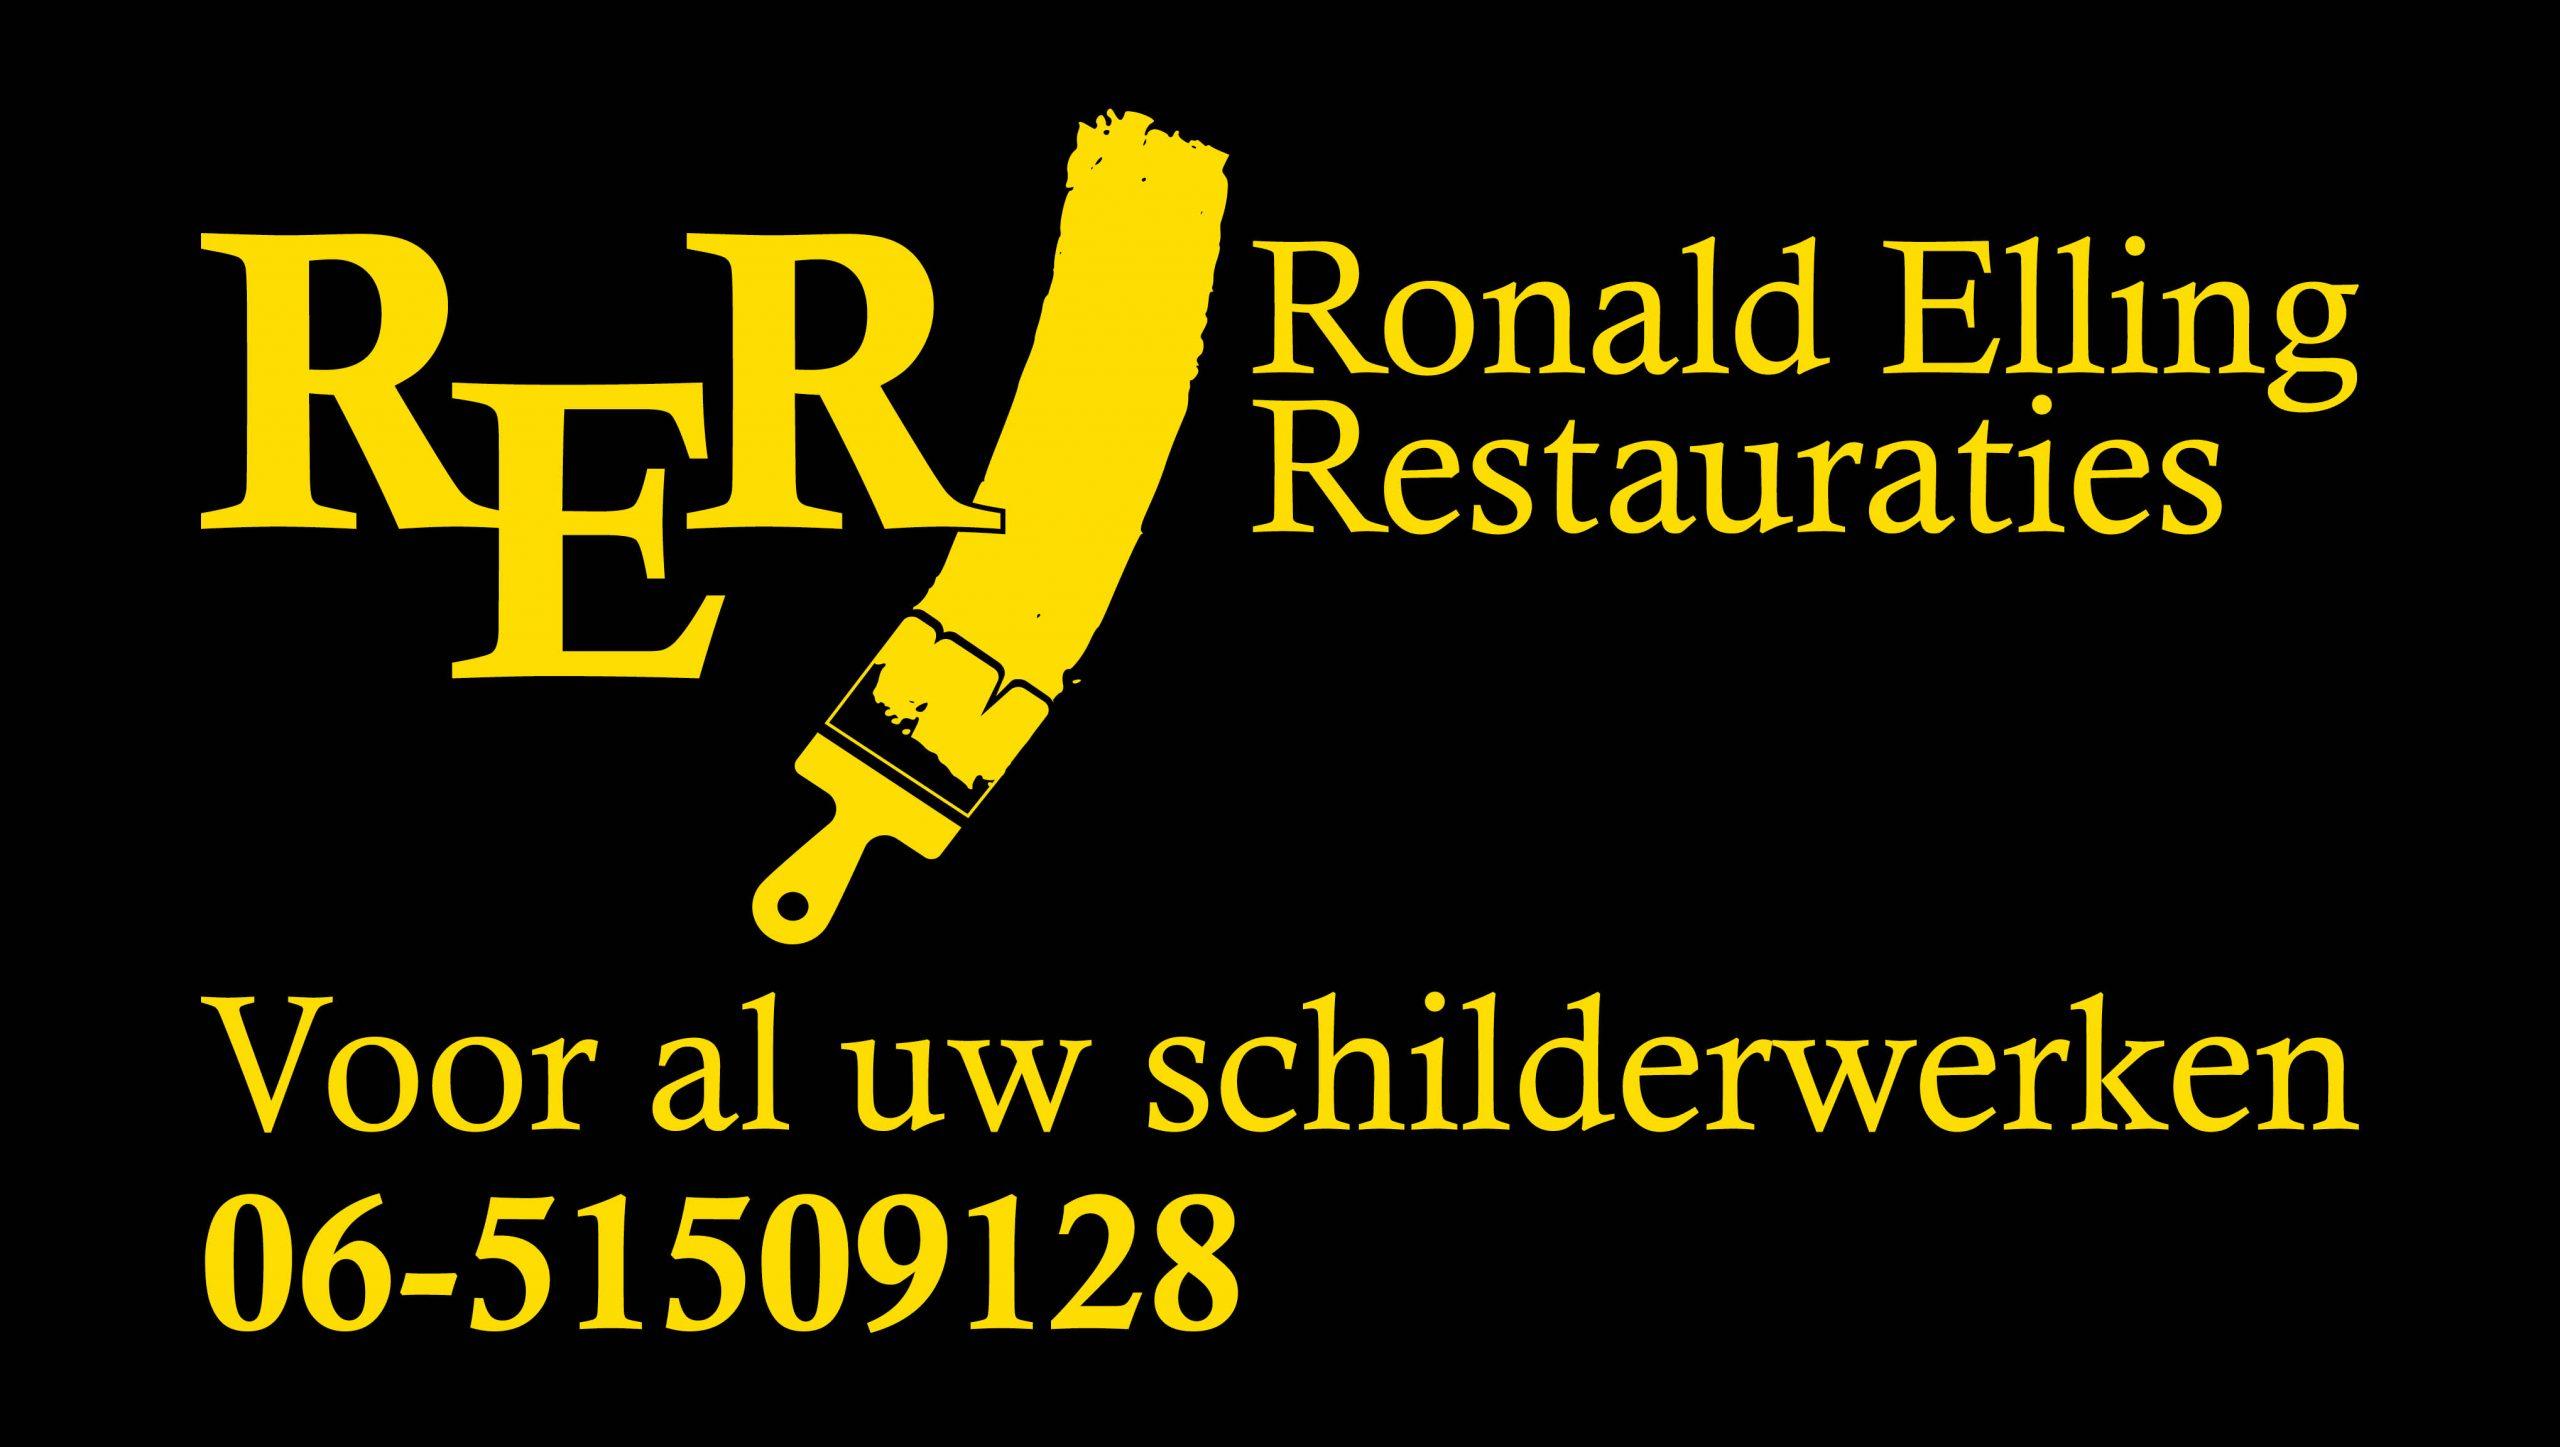 OVAP Ronald Elling Restauraties